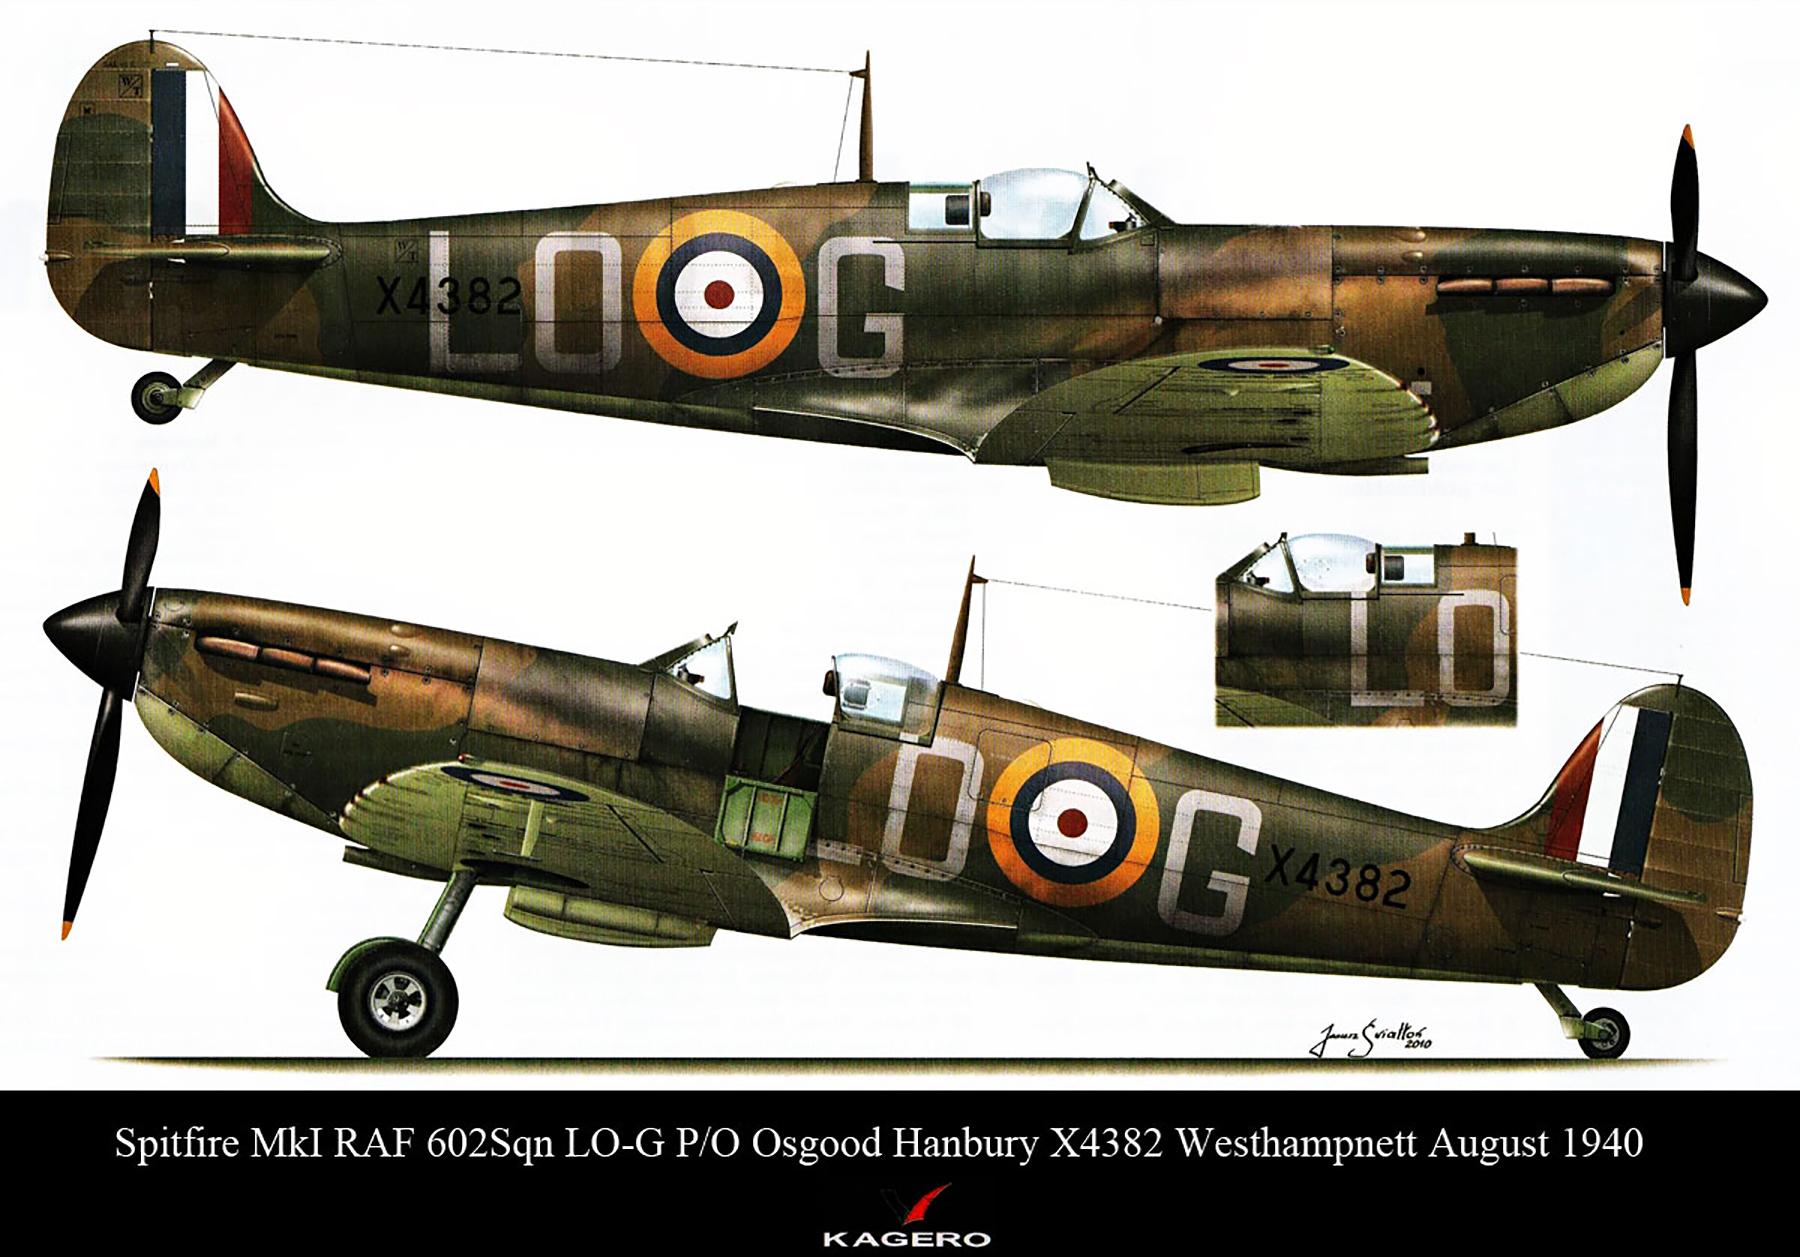 Spitfire MkIa RAF 602Sqn LOG Osgood Hanbury X4382 Westhampnett Aug 1940 0A